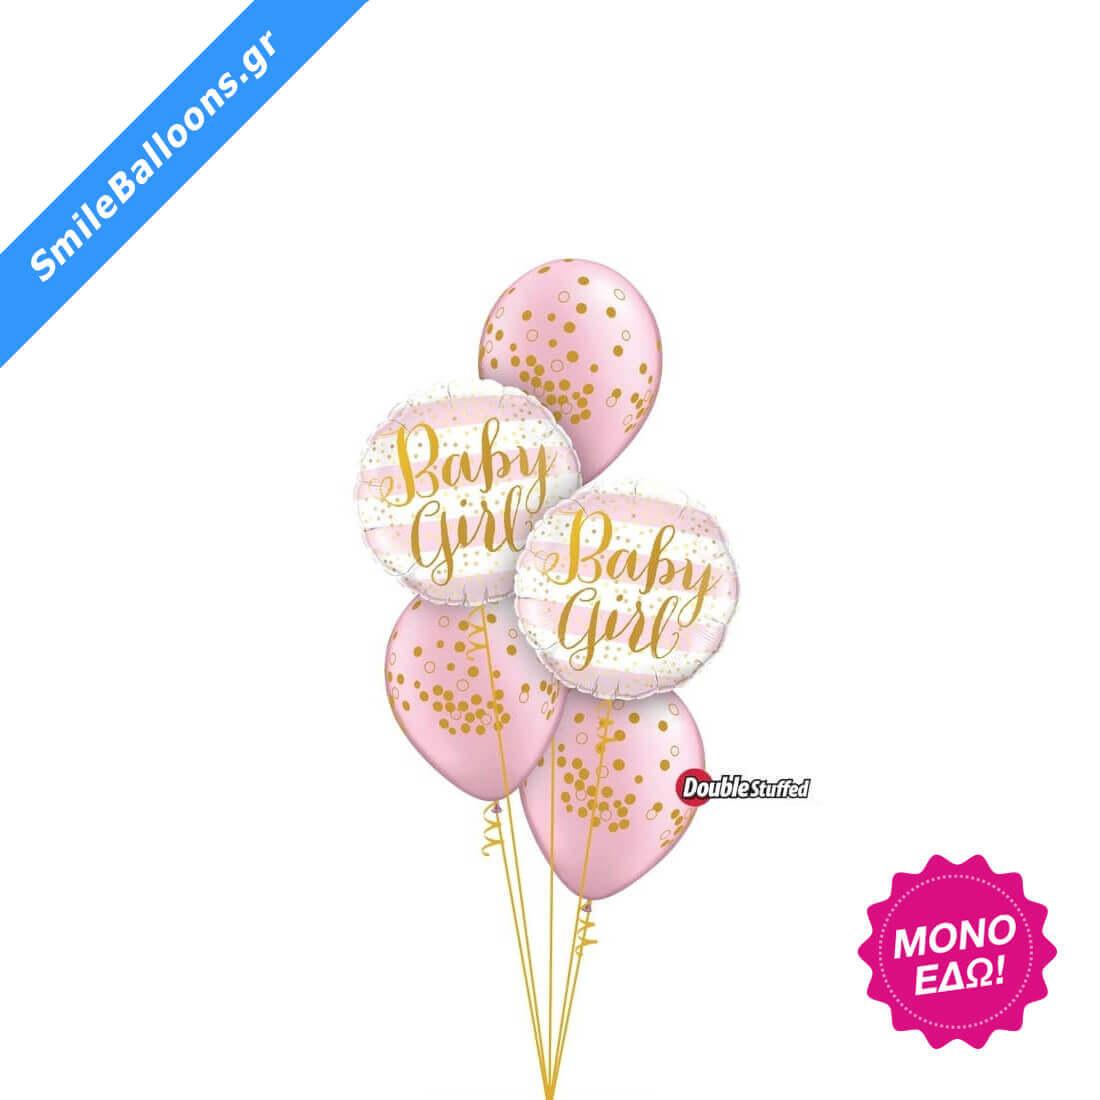 """Μπουκέτο μπαλονιών """"Pearl Pink Baby Confetti Dots"""""""